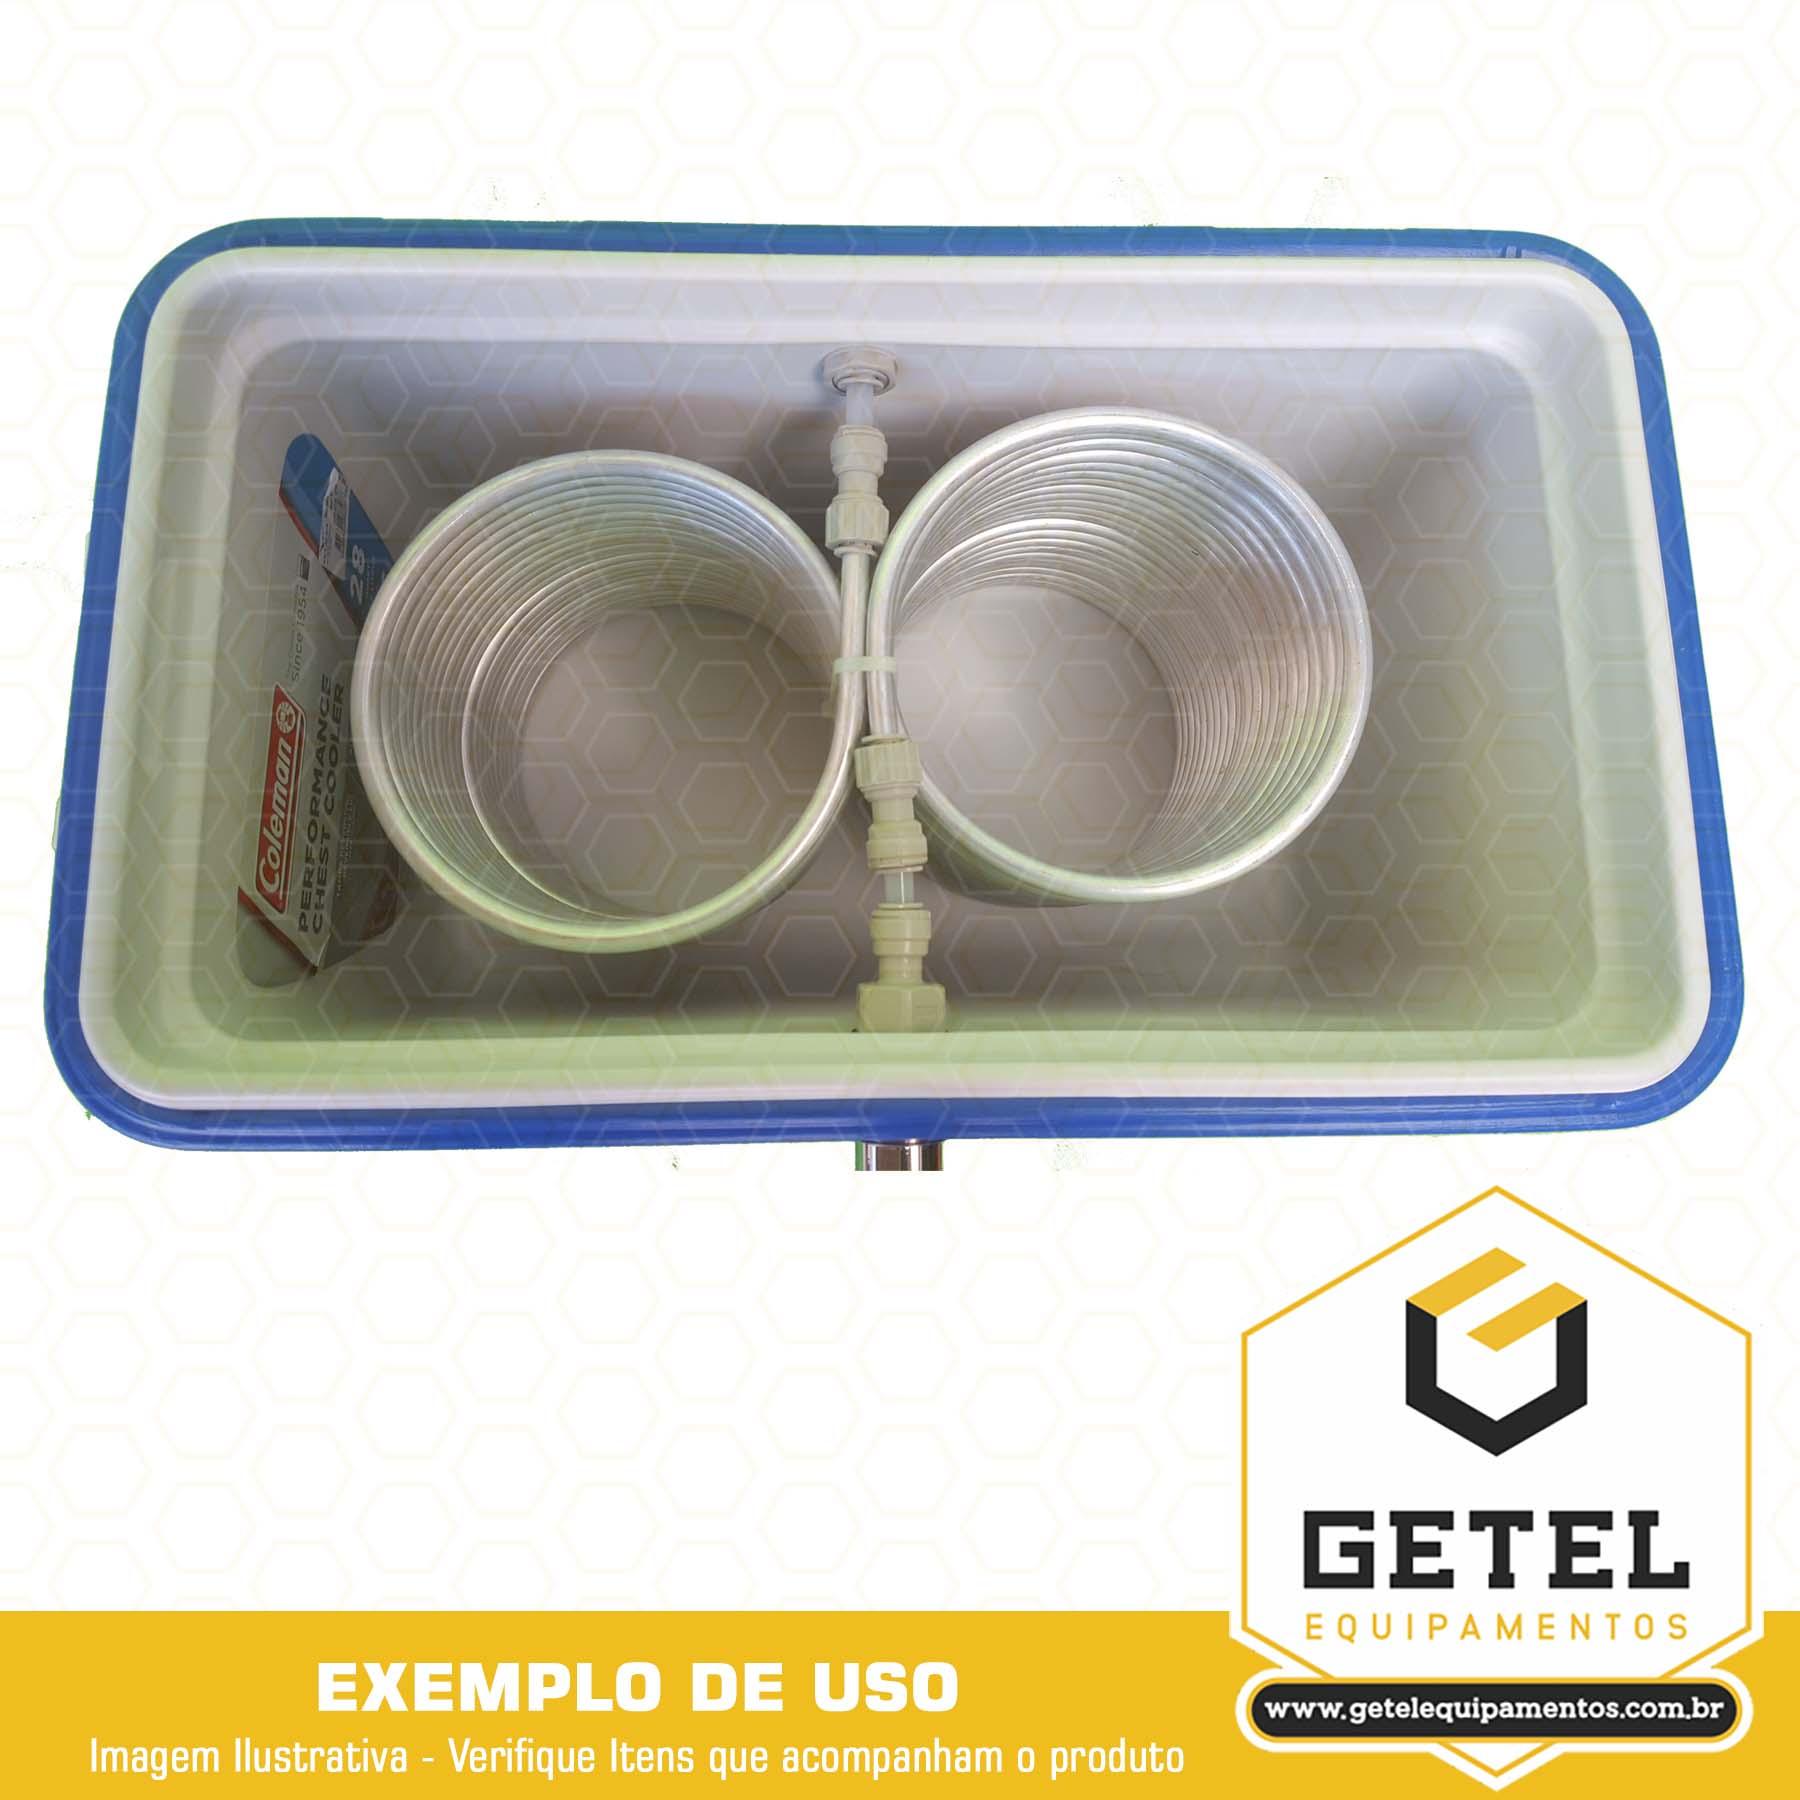 Kit p/ Instalação Chopeira em Caixa Térmica